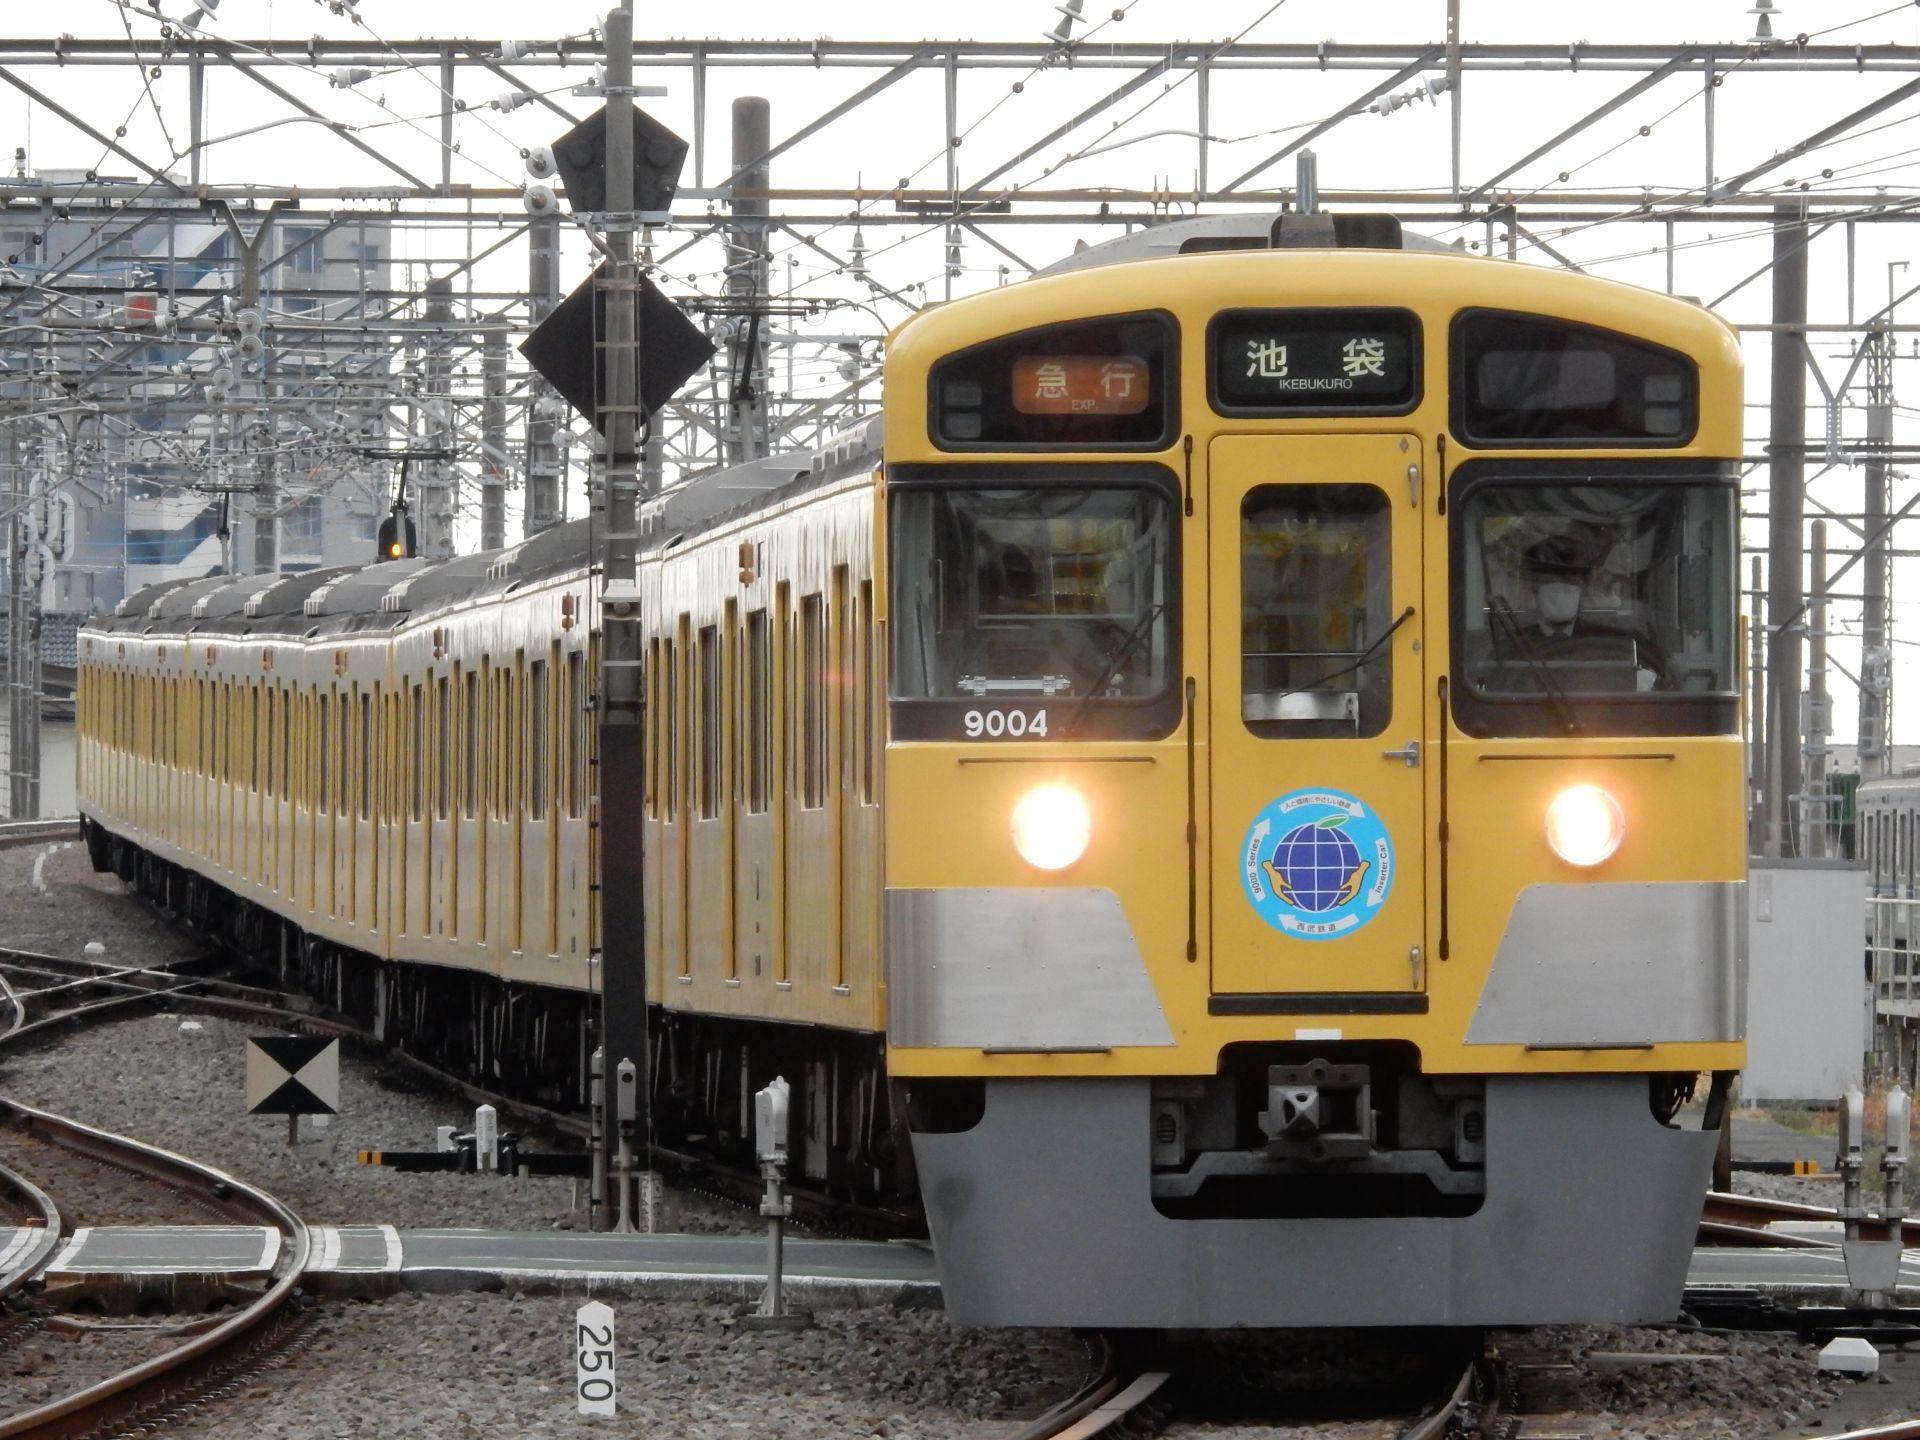 DSCN6205 - コピー